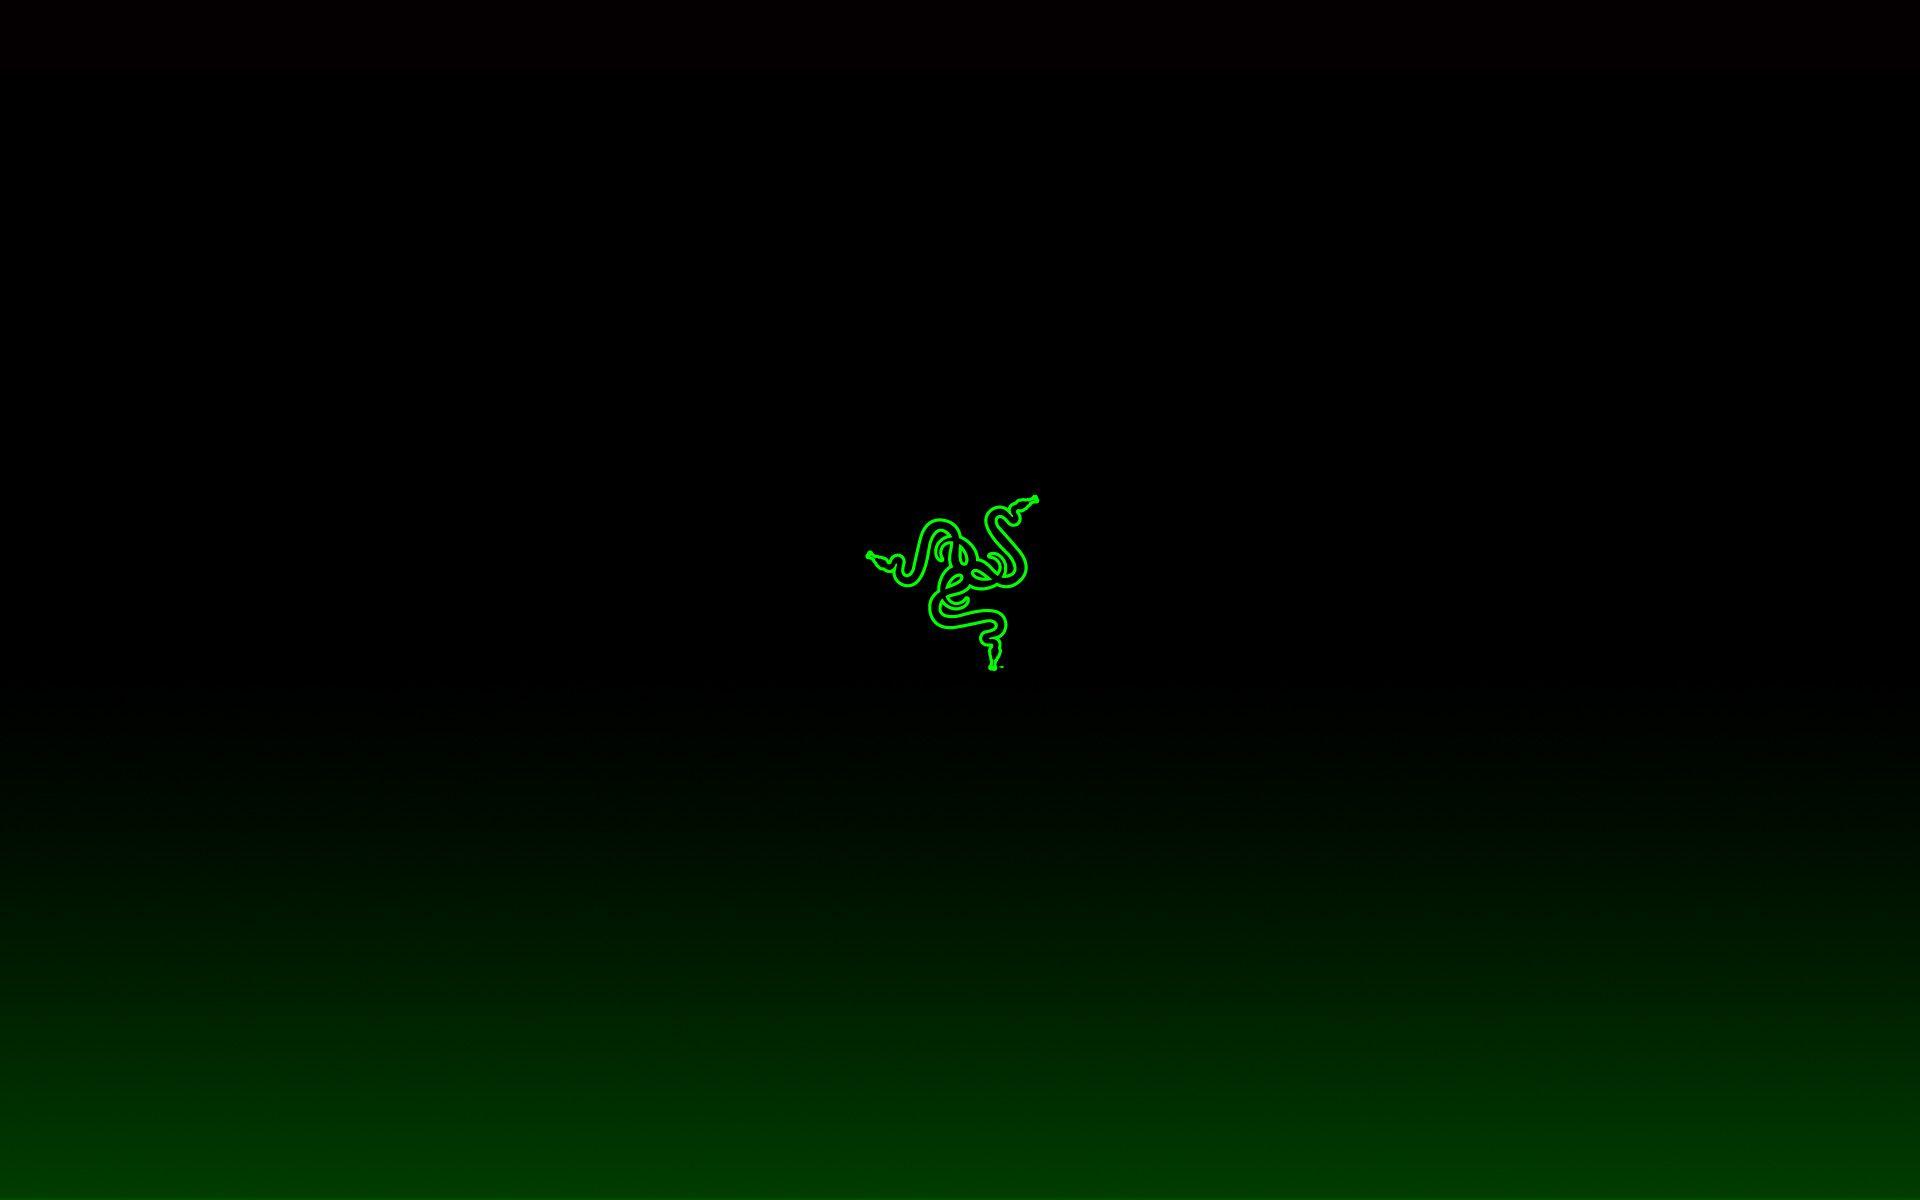 Razer desktop background